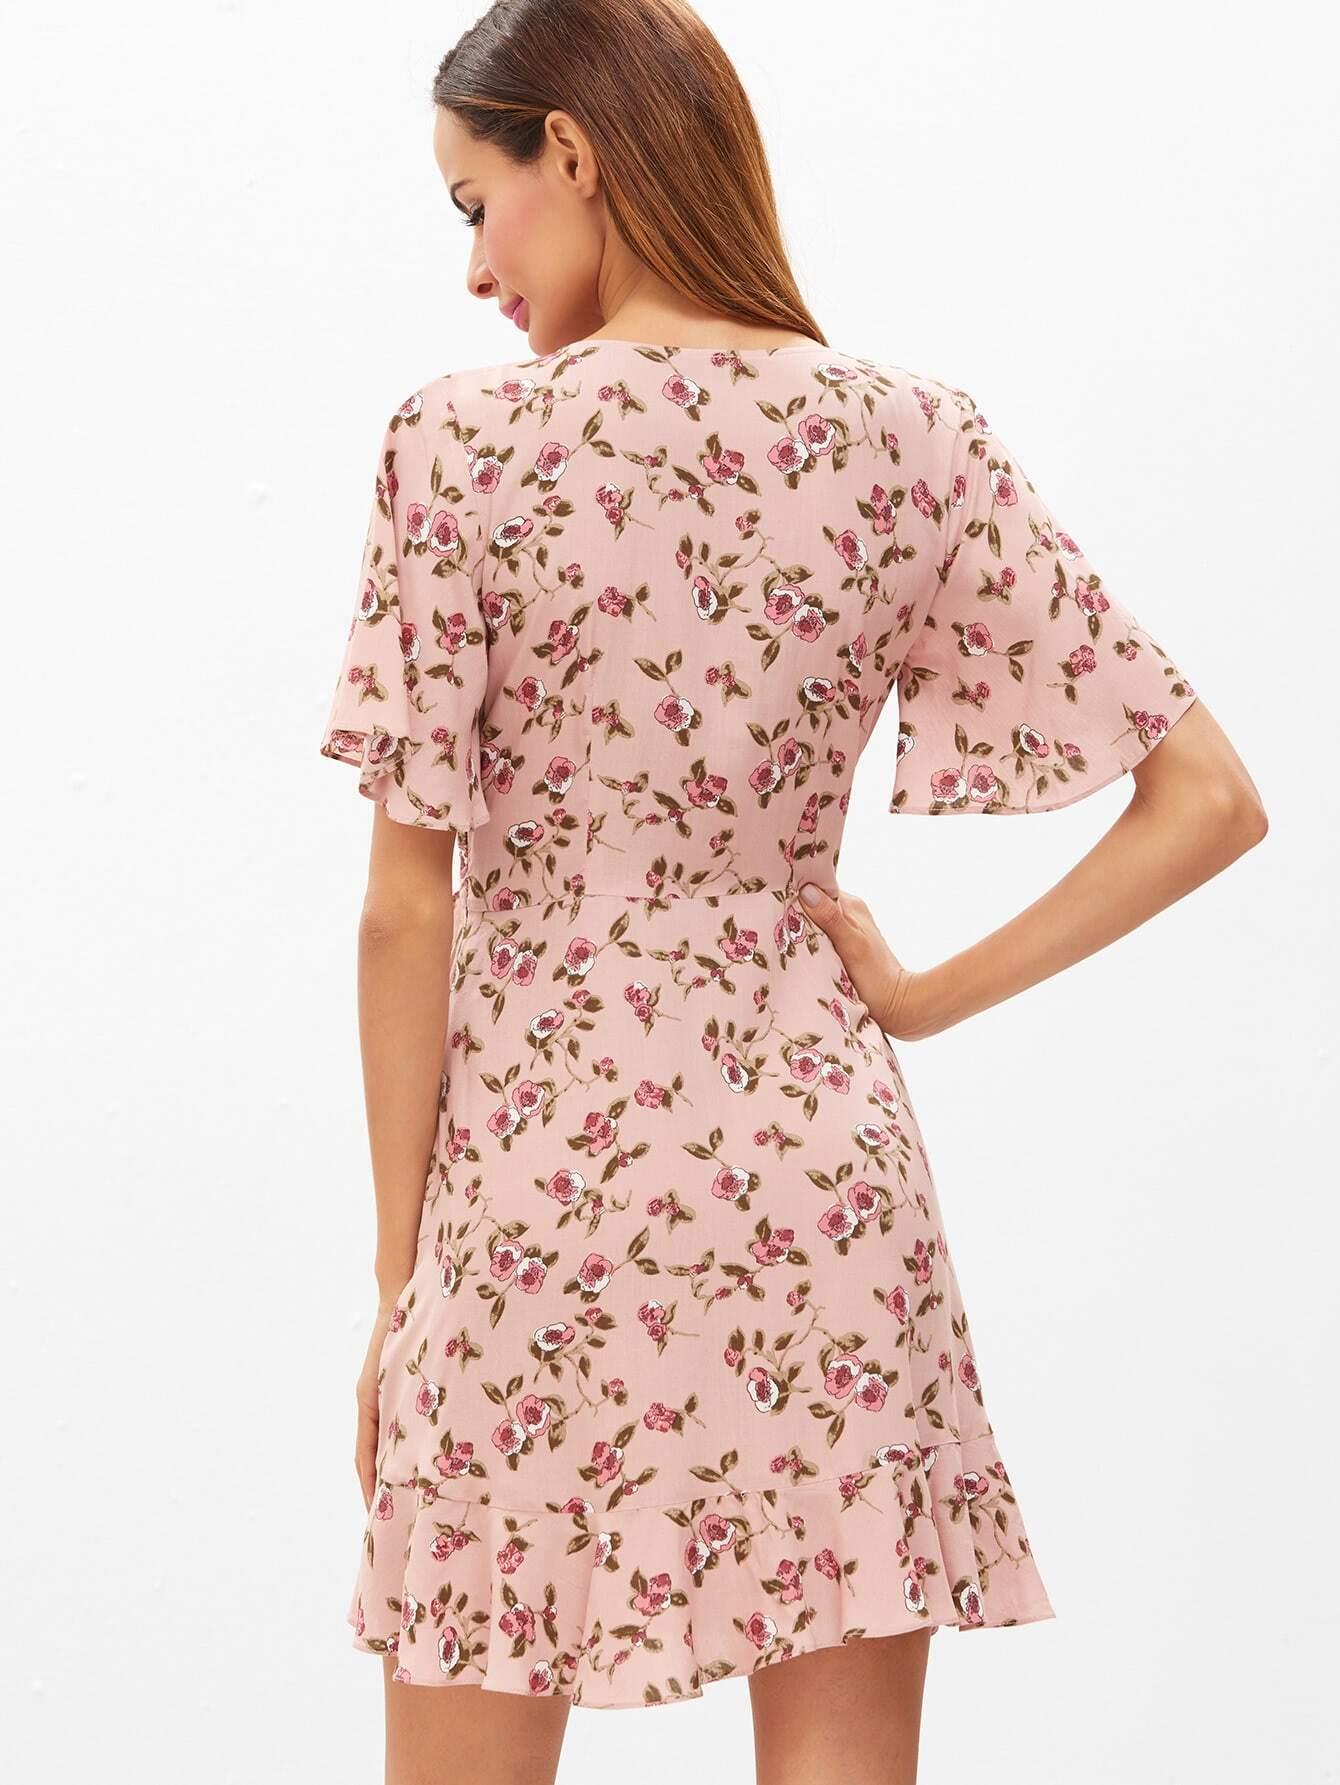 dress161221450_2